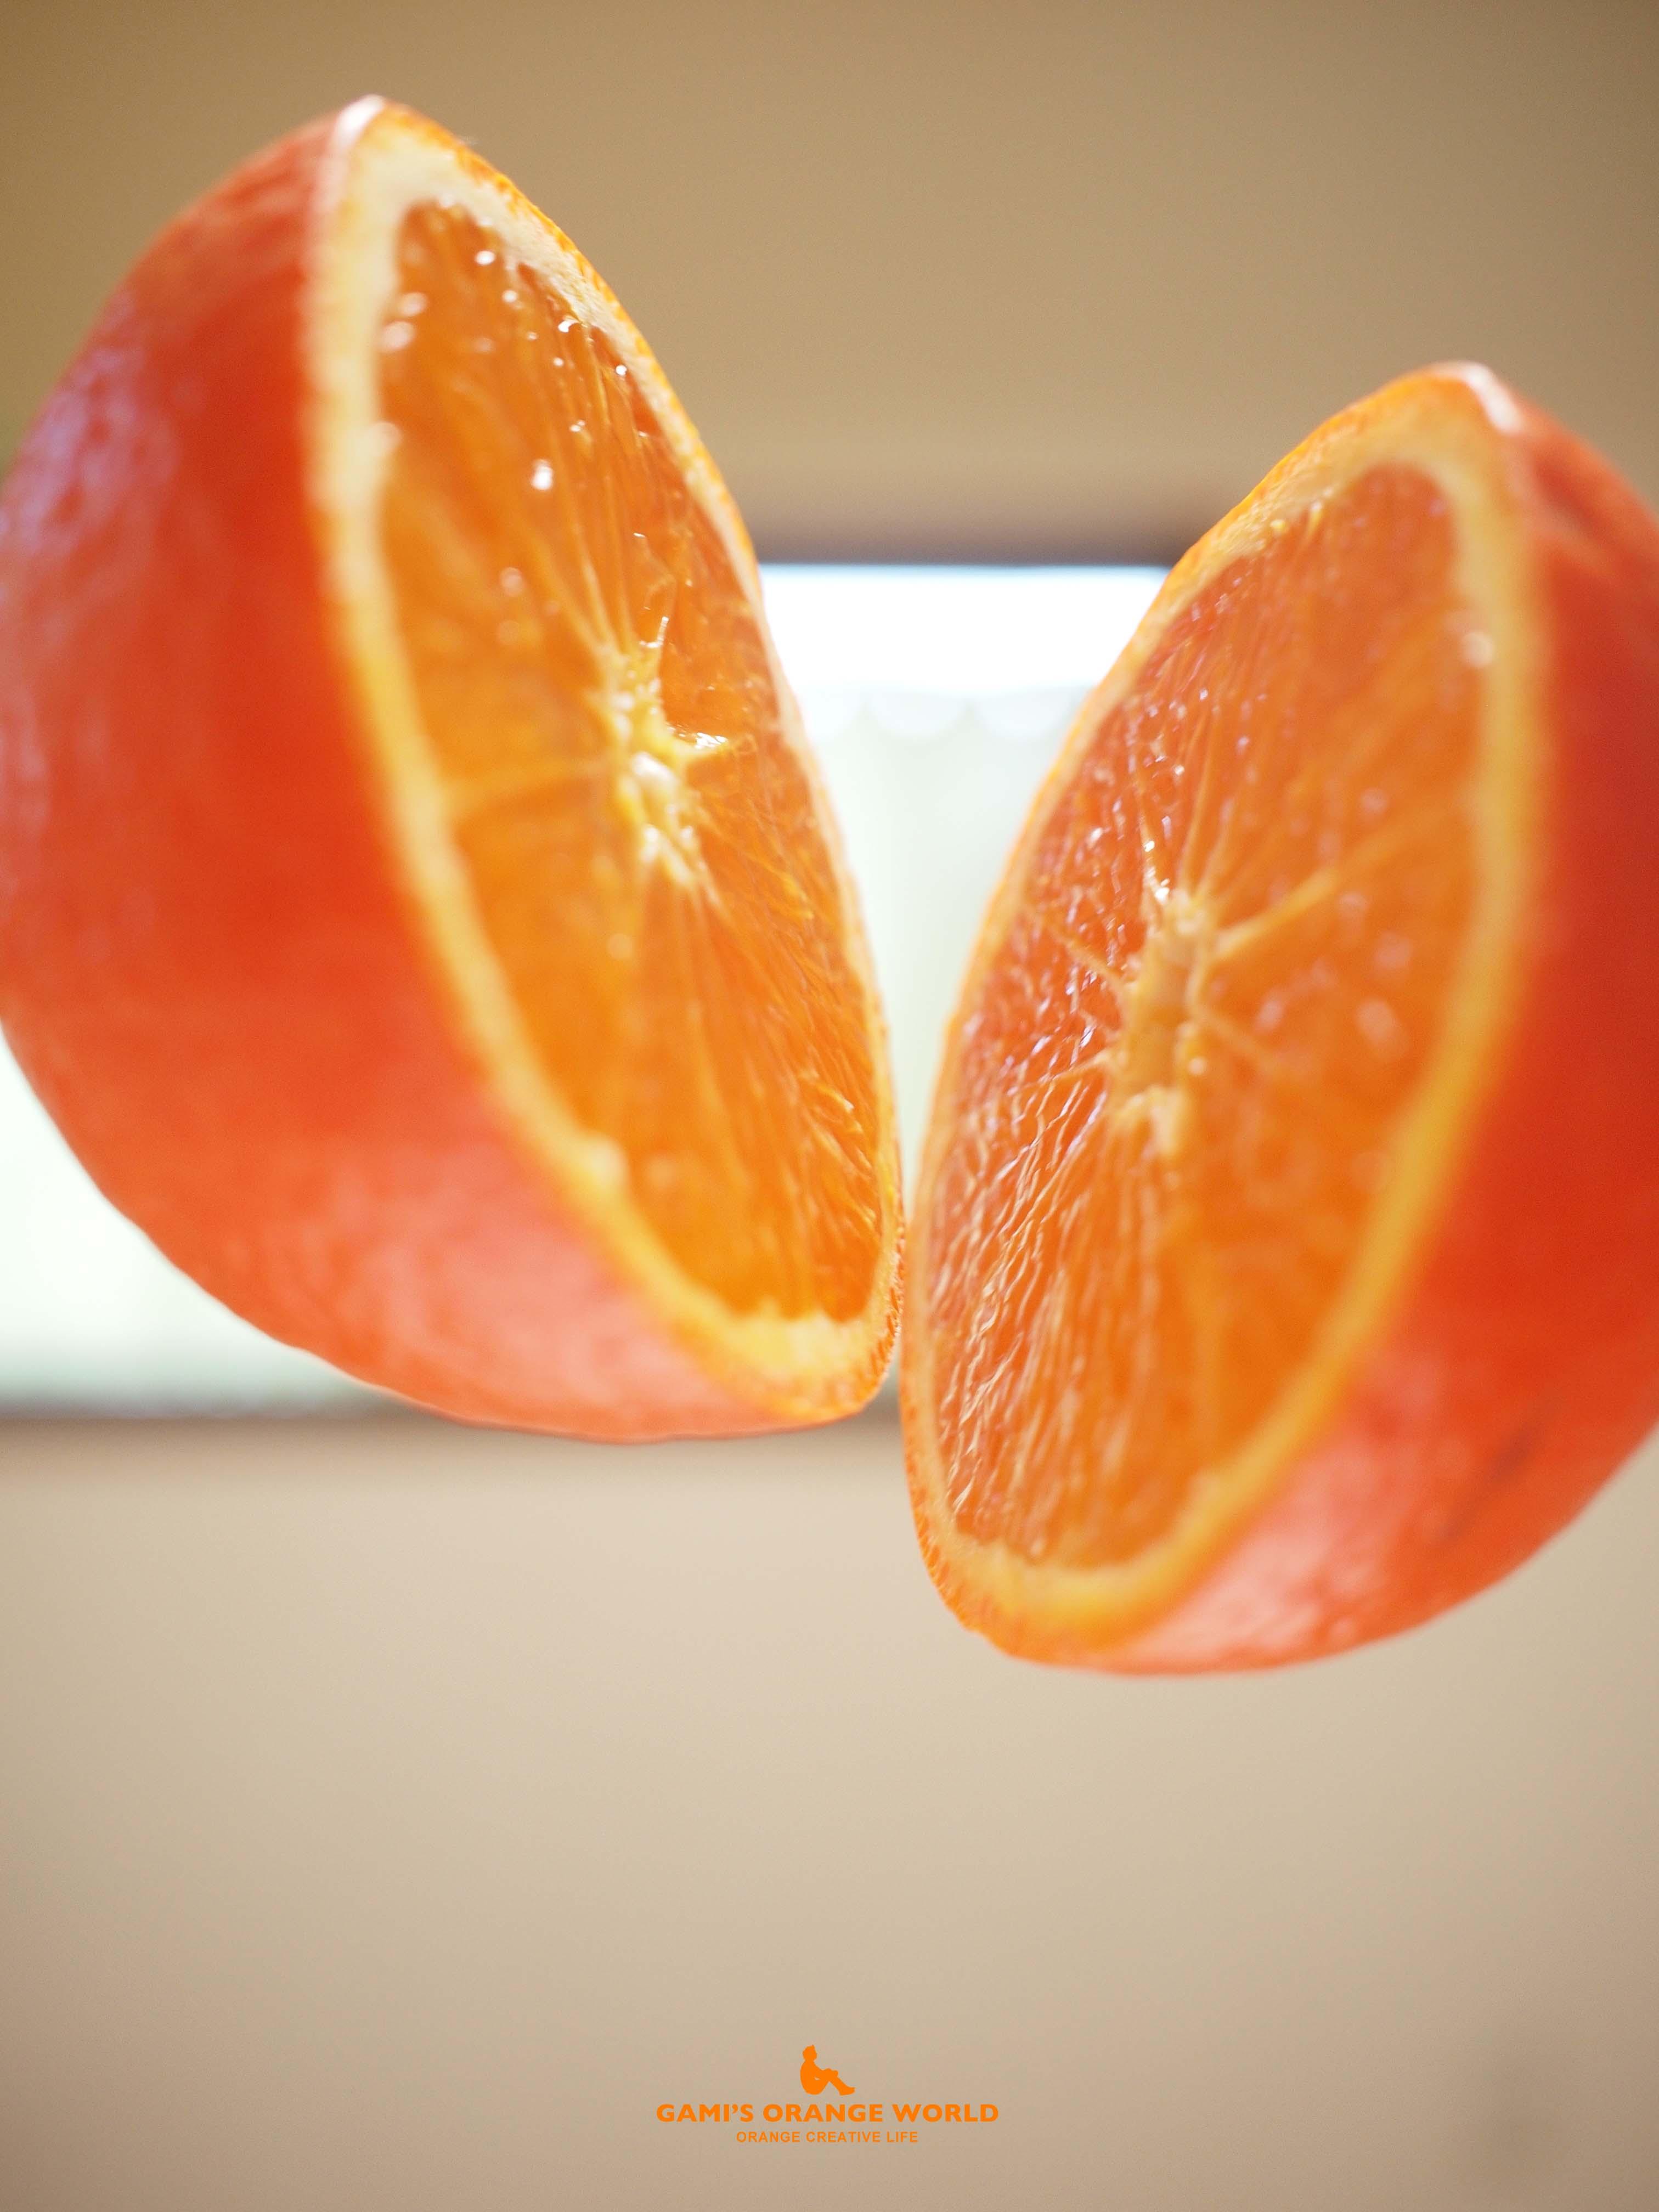 0231ミネオラオレンジ1 のコピー